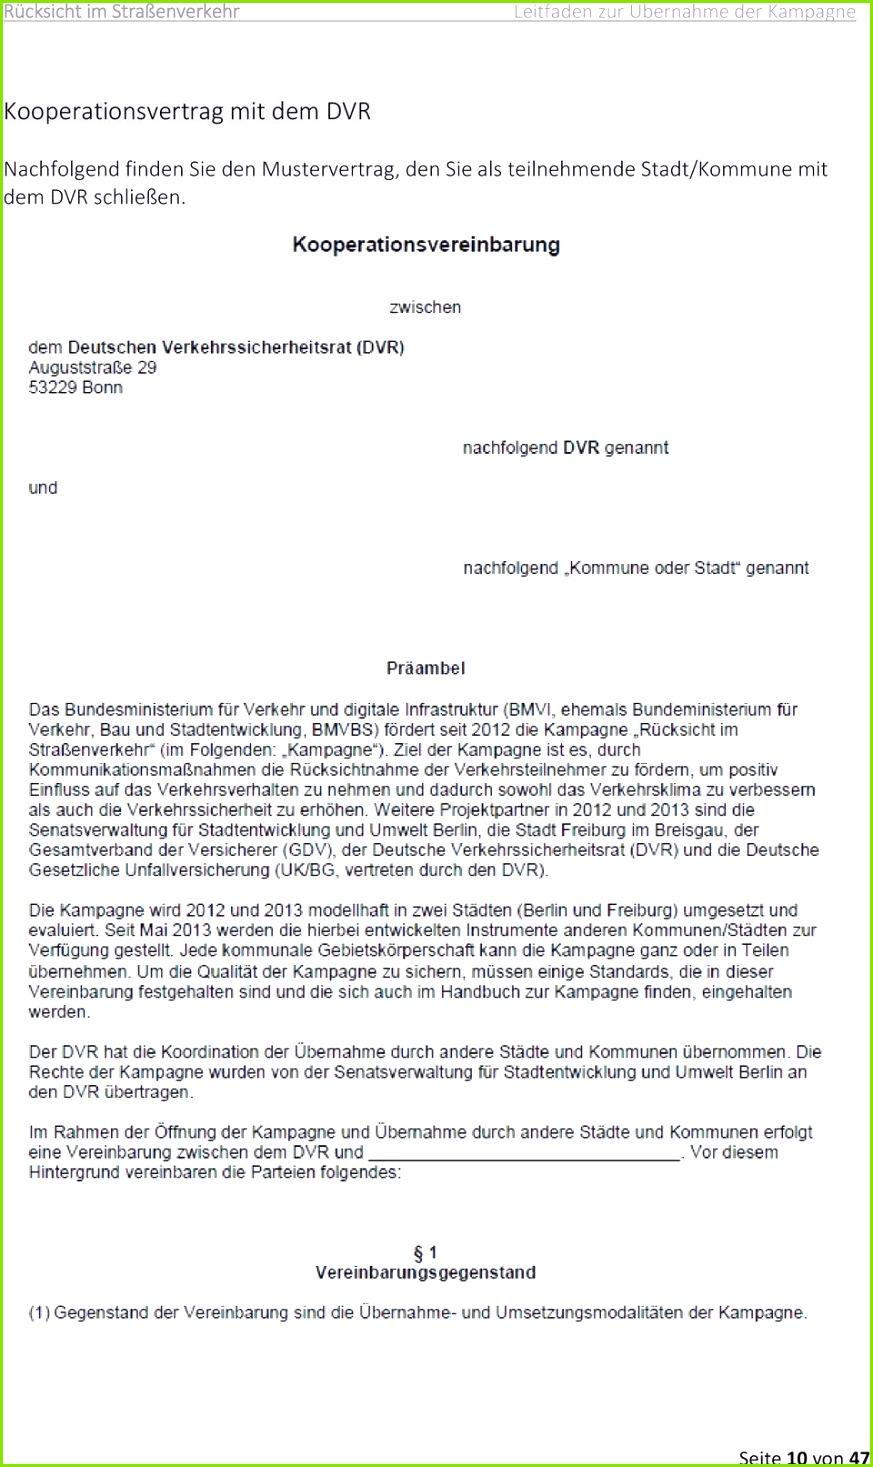 Großartig Kooperationsvereinbarung Vorlage Galerie Beispiel Groß Vertrag Vereinbarung Zwischen Zwei Parteien